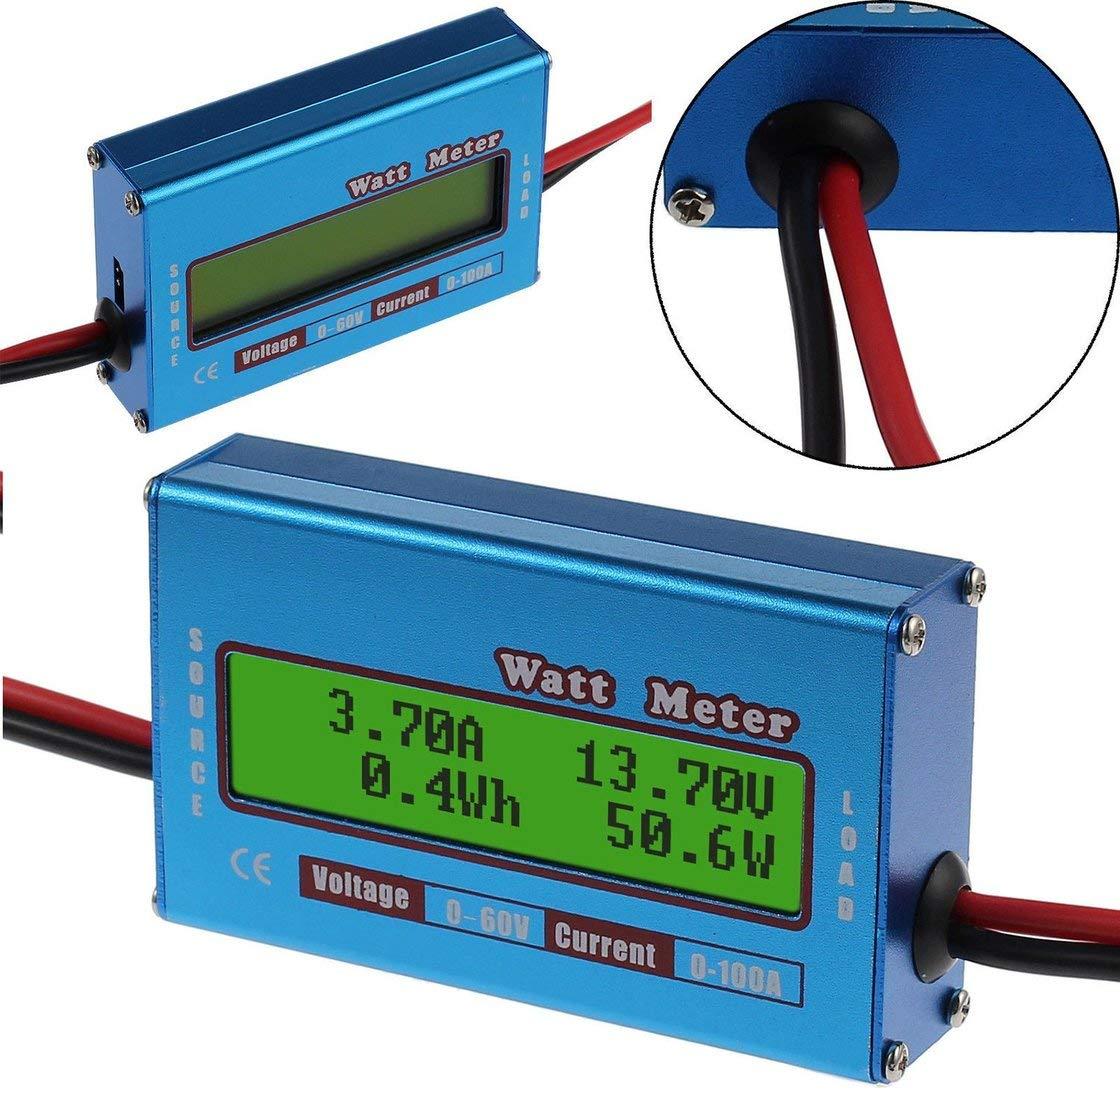 Pr/áctico Ruijanjy LCD Digital del amper/ímetro del volt/ímetro de CA 60-500V Amper/ímetro Volt/ímetro Pantalla 2 en 1 Medidor de Tensi/ón Amperaje con Transformador de Corriente 10A